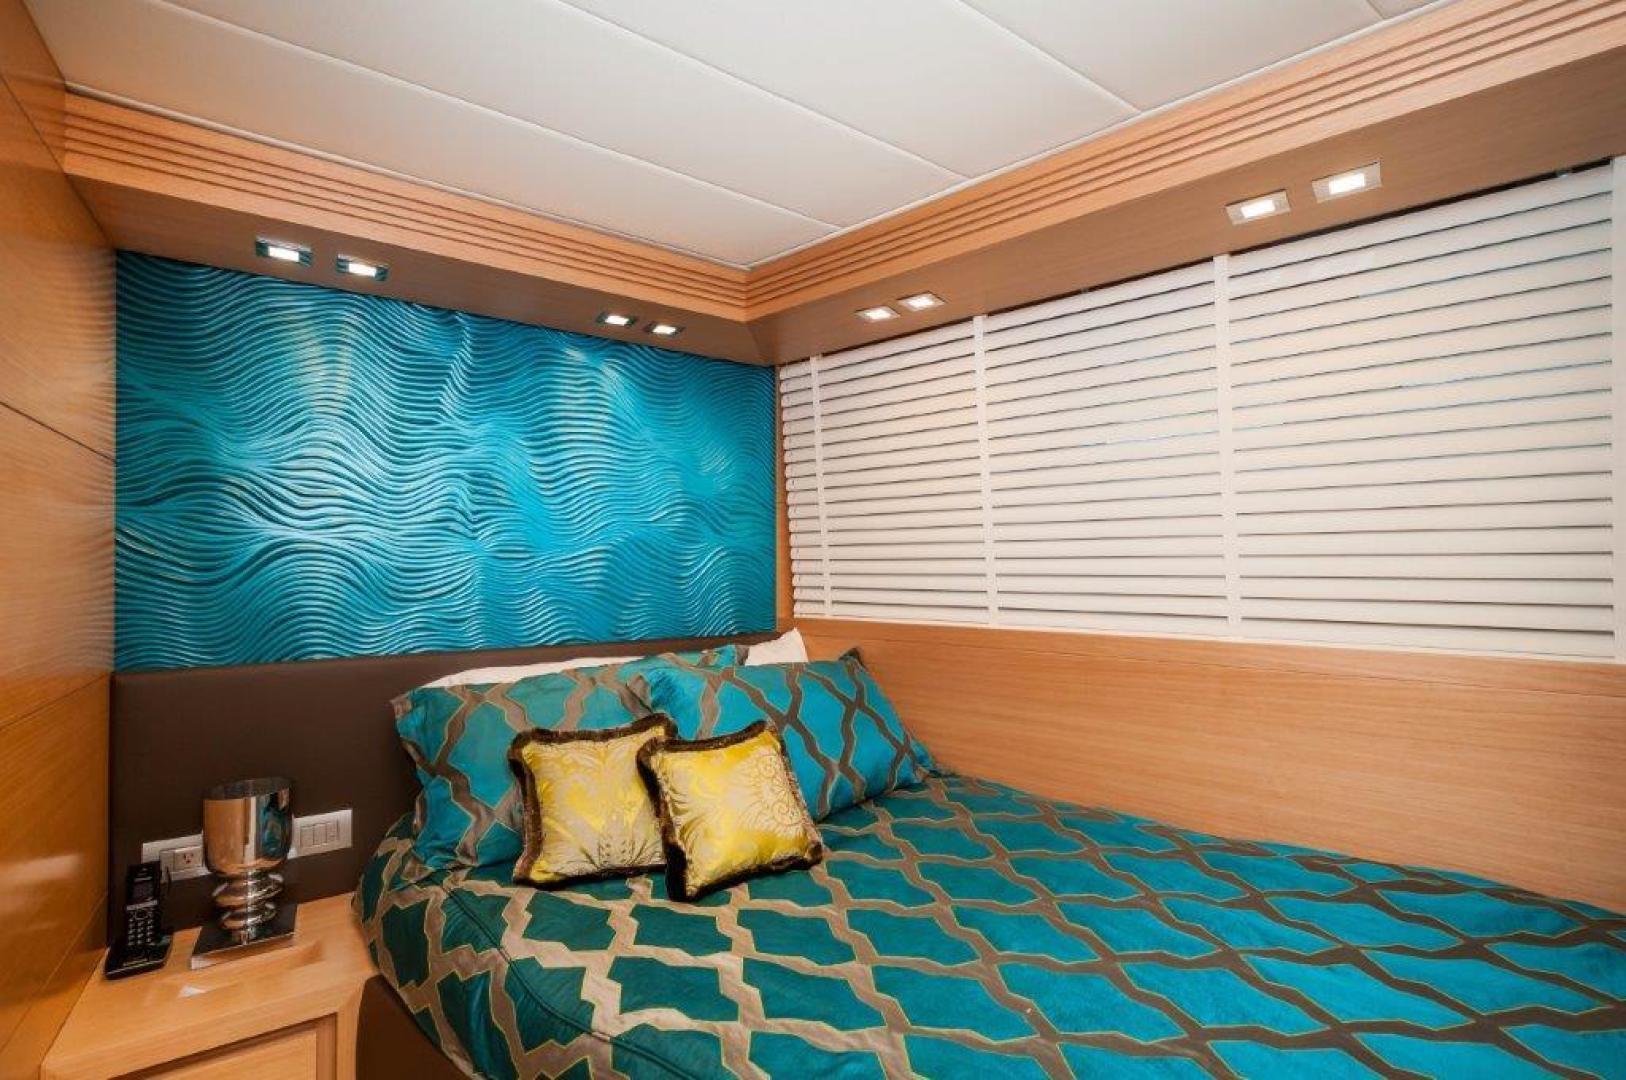 Maiora-84 Motor Yacht 2015-Never Rest SANDESTIN-Florida-United States-2015 Maiora 84 Motor Yacht Starboard Guest Room Never Rest-720583 | Thumbnail